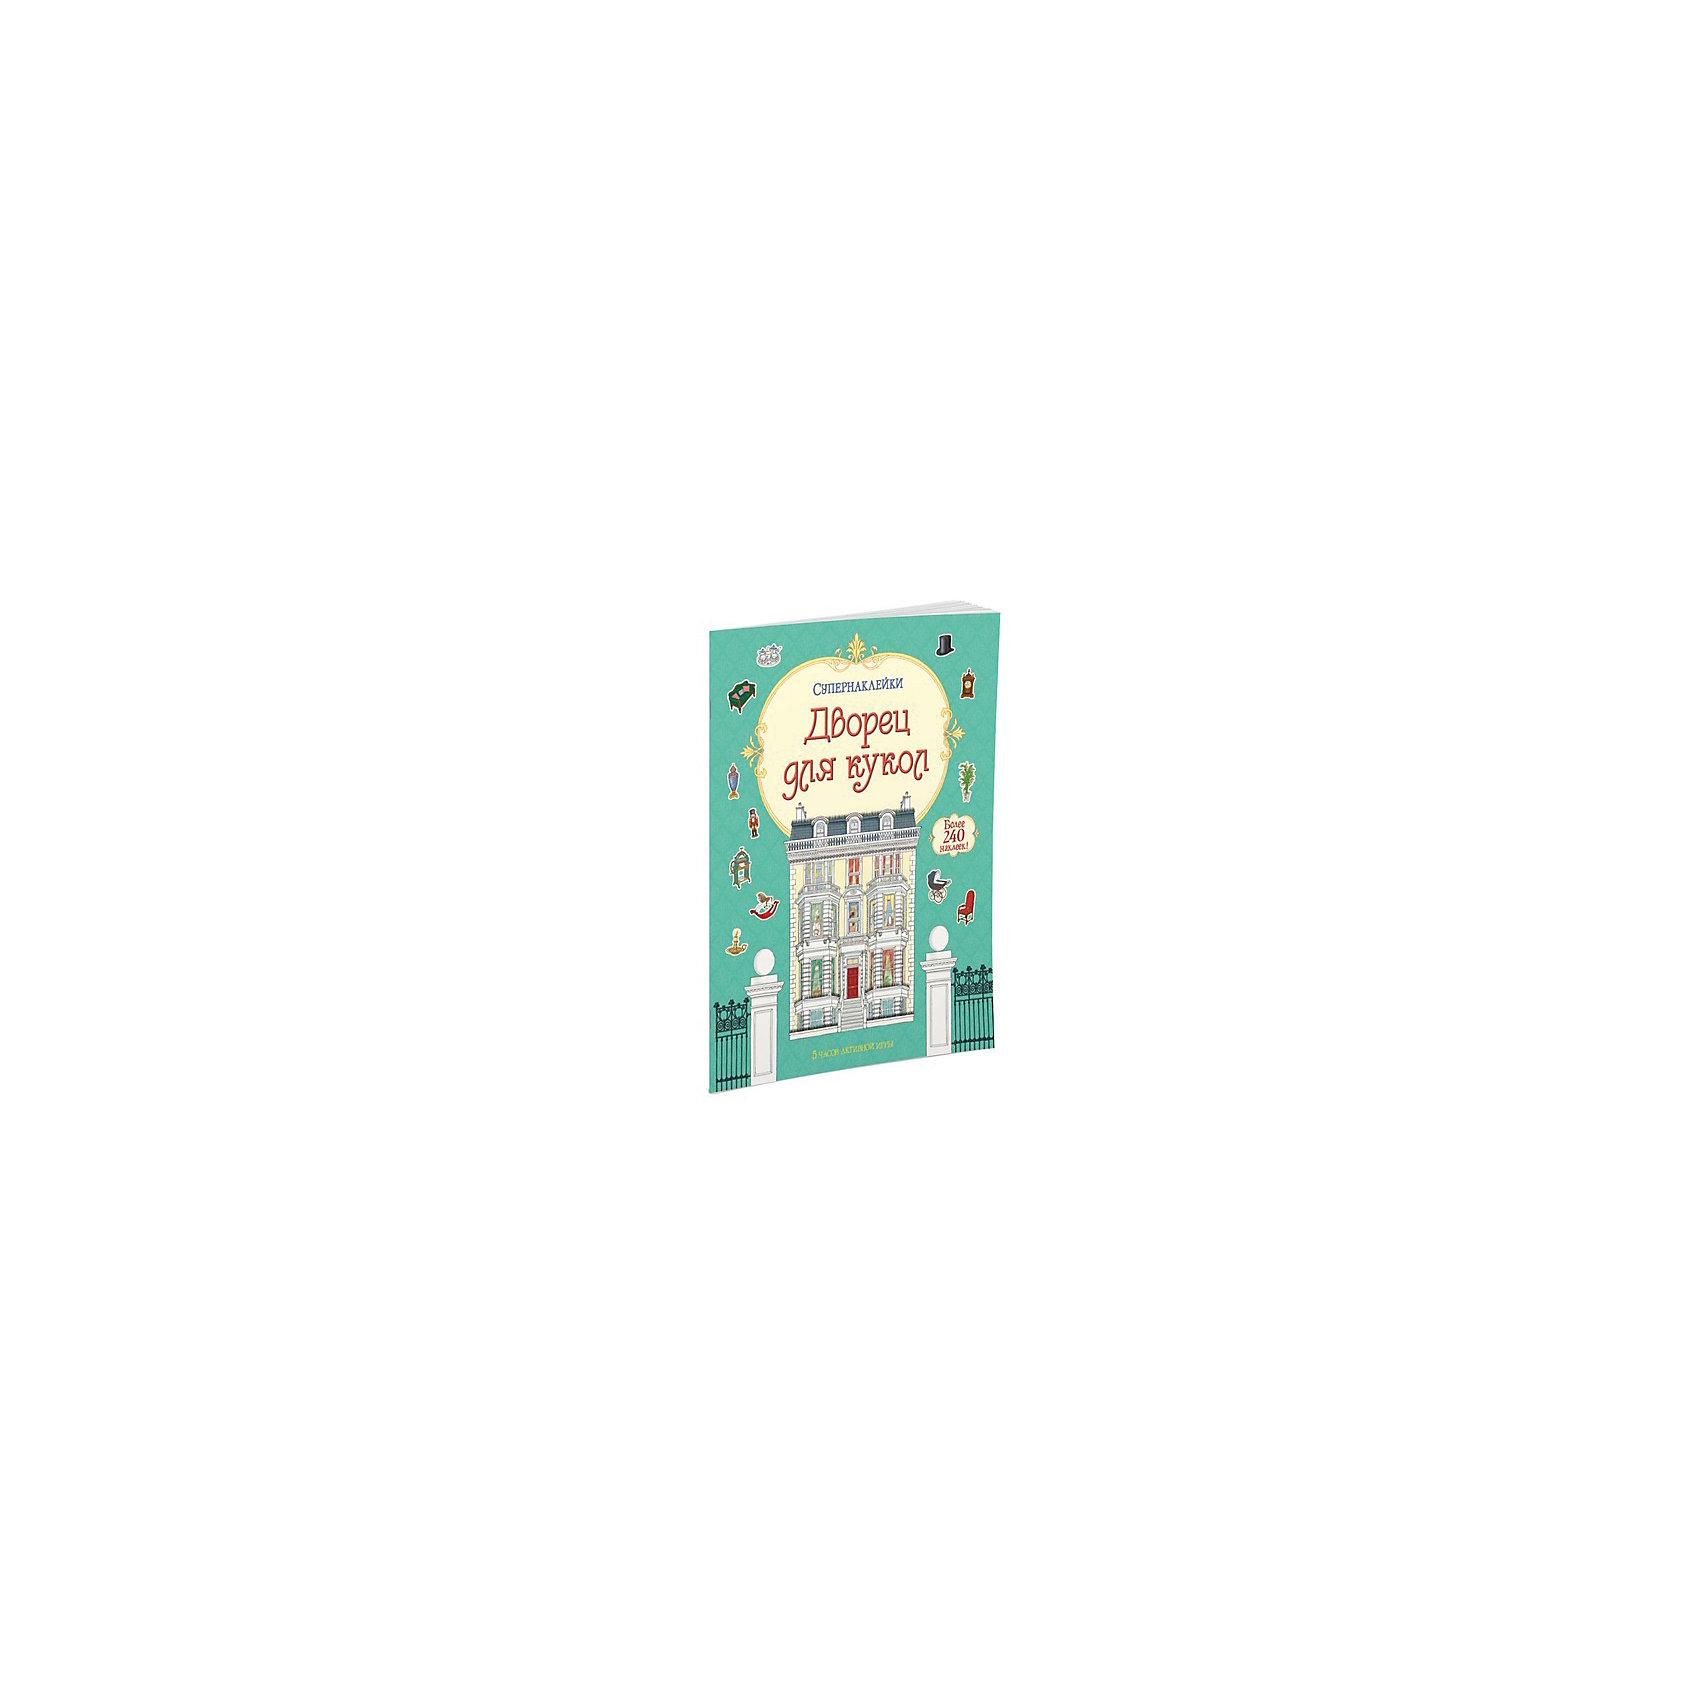 Наклейки Дворец для кукол, MACHAONМахаон<br>Книжка с наклейками Дворец для кукол.<br><br>Характеристики:<br><br>• Для детей в возрасте: от 12 месяцев до 3 лет<br>• Переводчик: В. Сенникова<br>• Иллюстратор: Э. Карлетти<br>• Издательство: Махаон, 2015 год<br>• Серия: Супернаклейки<br>• Тип обложки: мягкий переплет (крепление скрепкой или клеем)<br>• Оформление: с наклейками (более 240 наклеек)<br>• Иллюстрации: цветные<br>• Количество страниц: 24 (мелованная)<br>• Размер: 305x240x2 мм.<br>• Вес: 300 гр.<br>• ISBN: 9785389095830<br><br>Побывай в роскошном дворце! Сделай его не только красивым, но и уютным. С помощью ярких наклеек обставь комнаты мебелью и изящными безделушками, разложи одежду по шкафам и сервируй стол для хозяев дома и их гостей. Читаем и играем! Развиваем внимание, воображение, мелкую моторику и художественный вкус.<br><br>Книжку с наклейками Дворец для кукол можно купить в нашем интернет-магазине.<br><br>Ширина мм: 305<br>Глубина мм: 240<br>Высота мм: 20<br>Вес г: 300<br>Возраст от месяцев: 12<br>Возраст до месяцев: 36<br>Пол: Женский<br>Возраст: Детский<br>SKU: 5493458